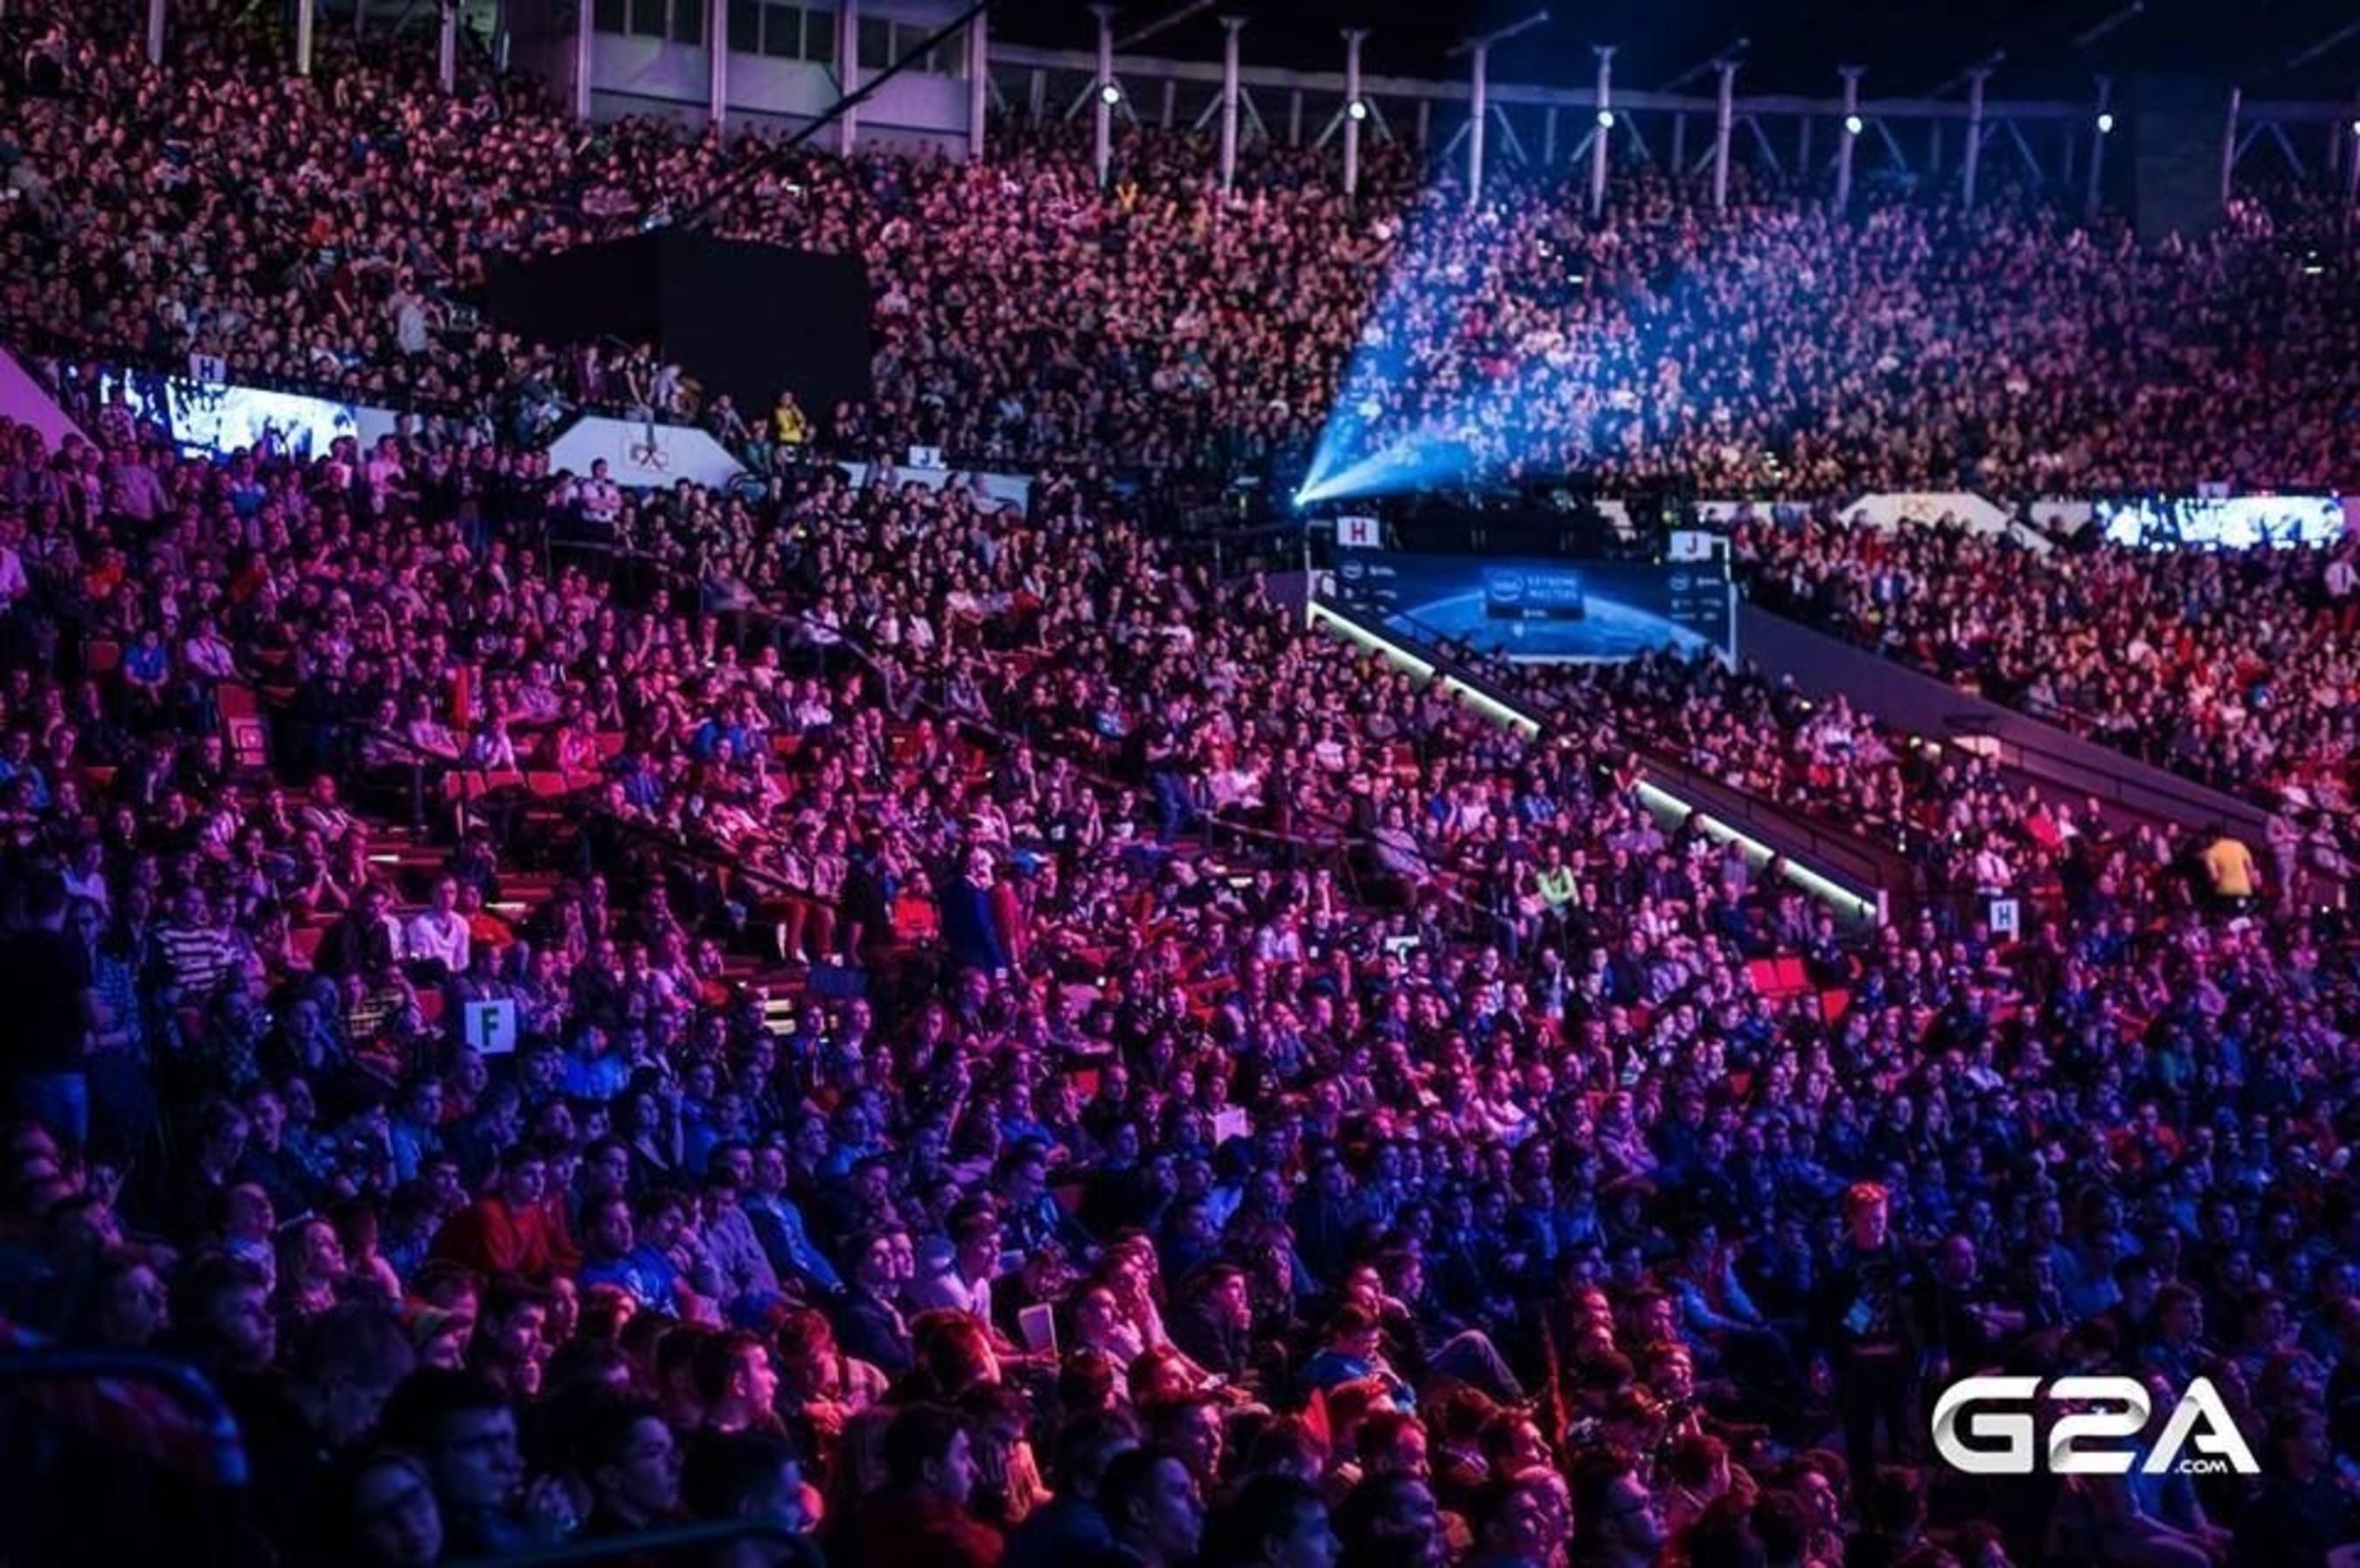 G2A está agora em Katowice para as finais do Intel Extreme Masters (IEM) de 2016